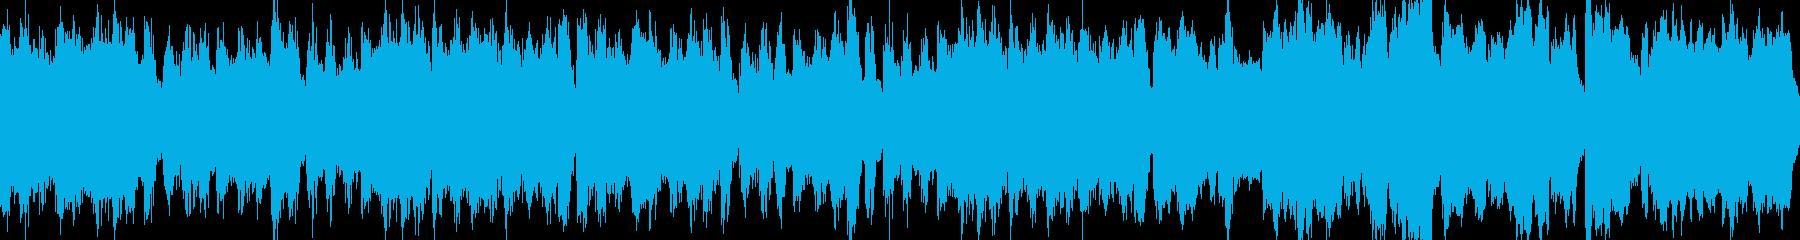 【ゲーム】RPGの洞窟の再生済みの波形